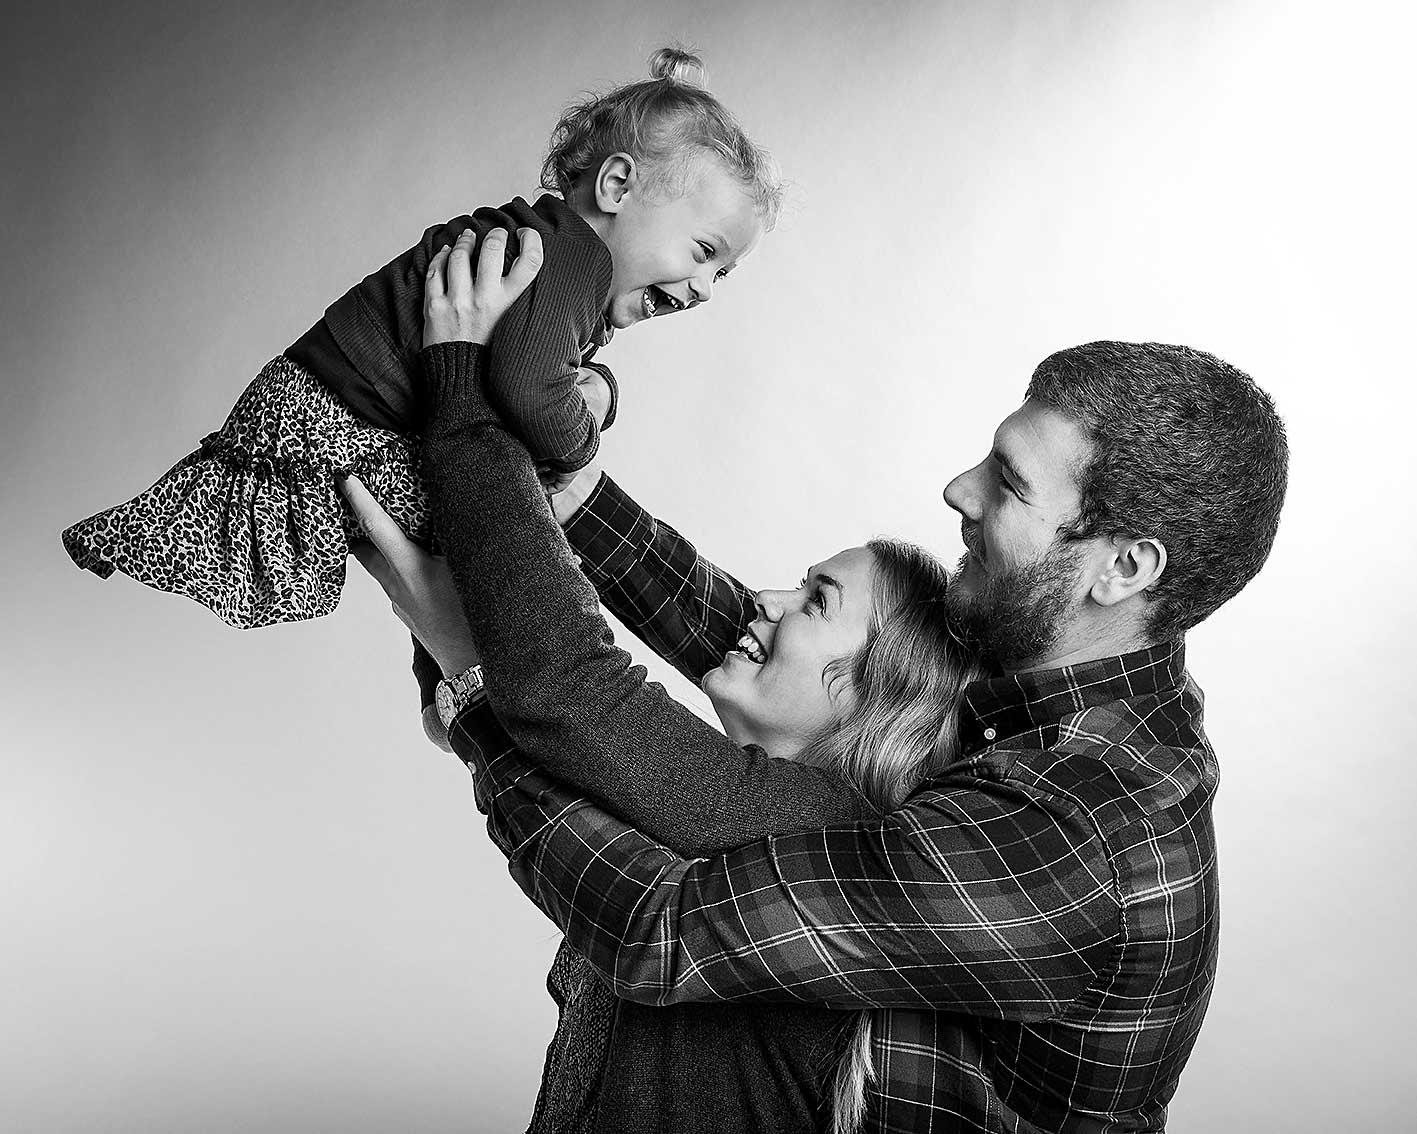 Fotograf i København laver de skønne familiefoto